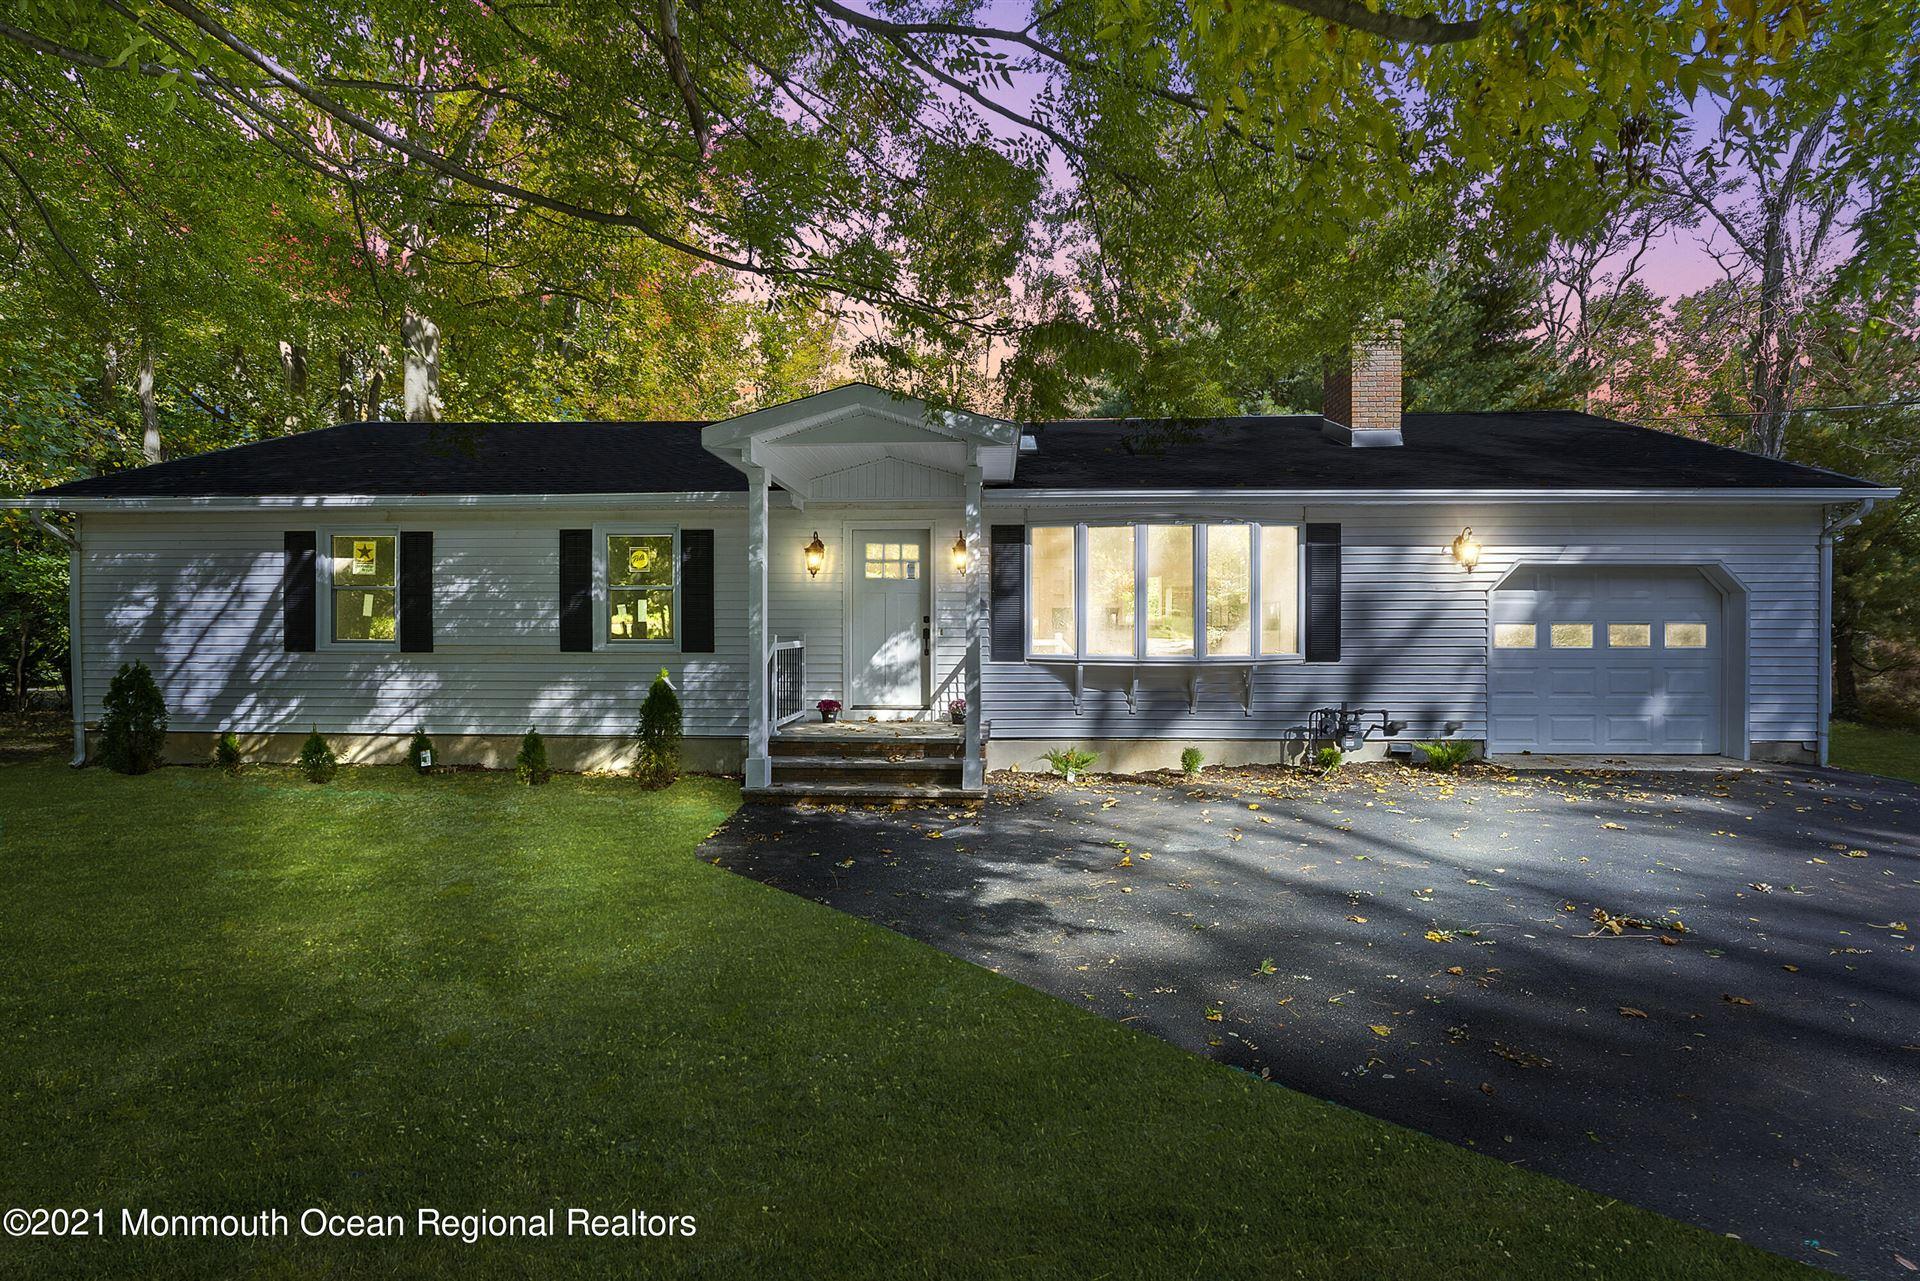 45 School Road East                                                                               Marlboro                                                                      , NJ - $650,000